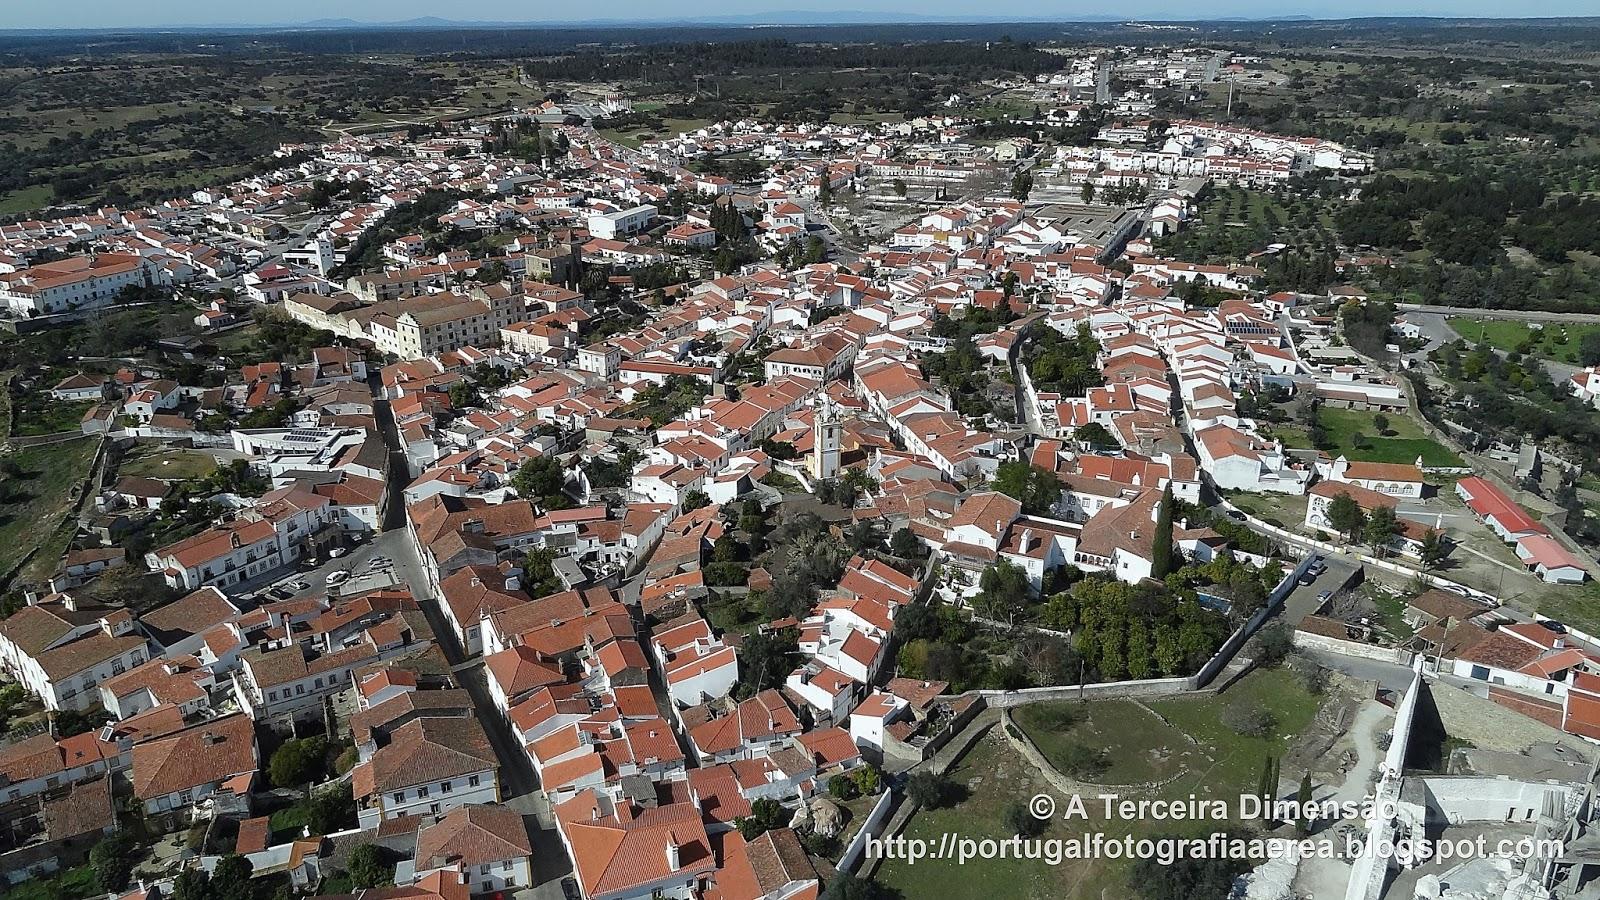 Crato Portugal  city photo : Terceira Dimensão Fotografia Aérea: Crato